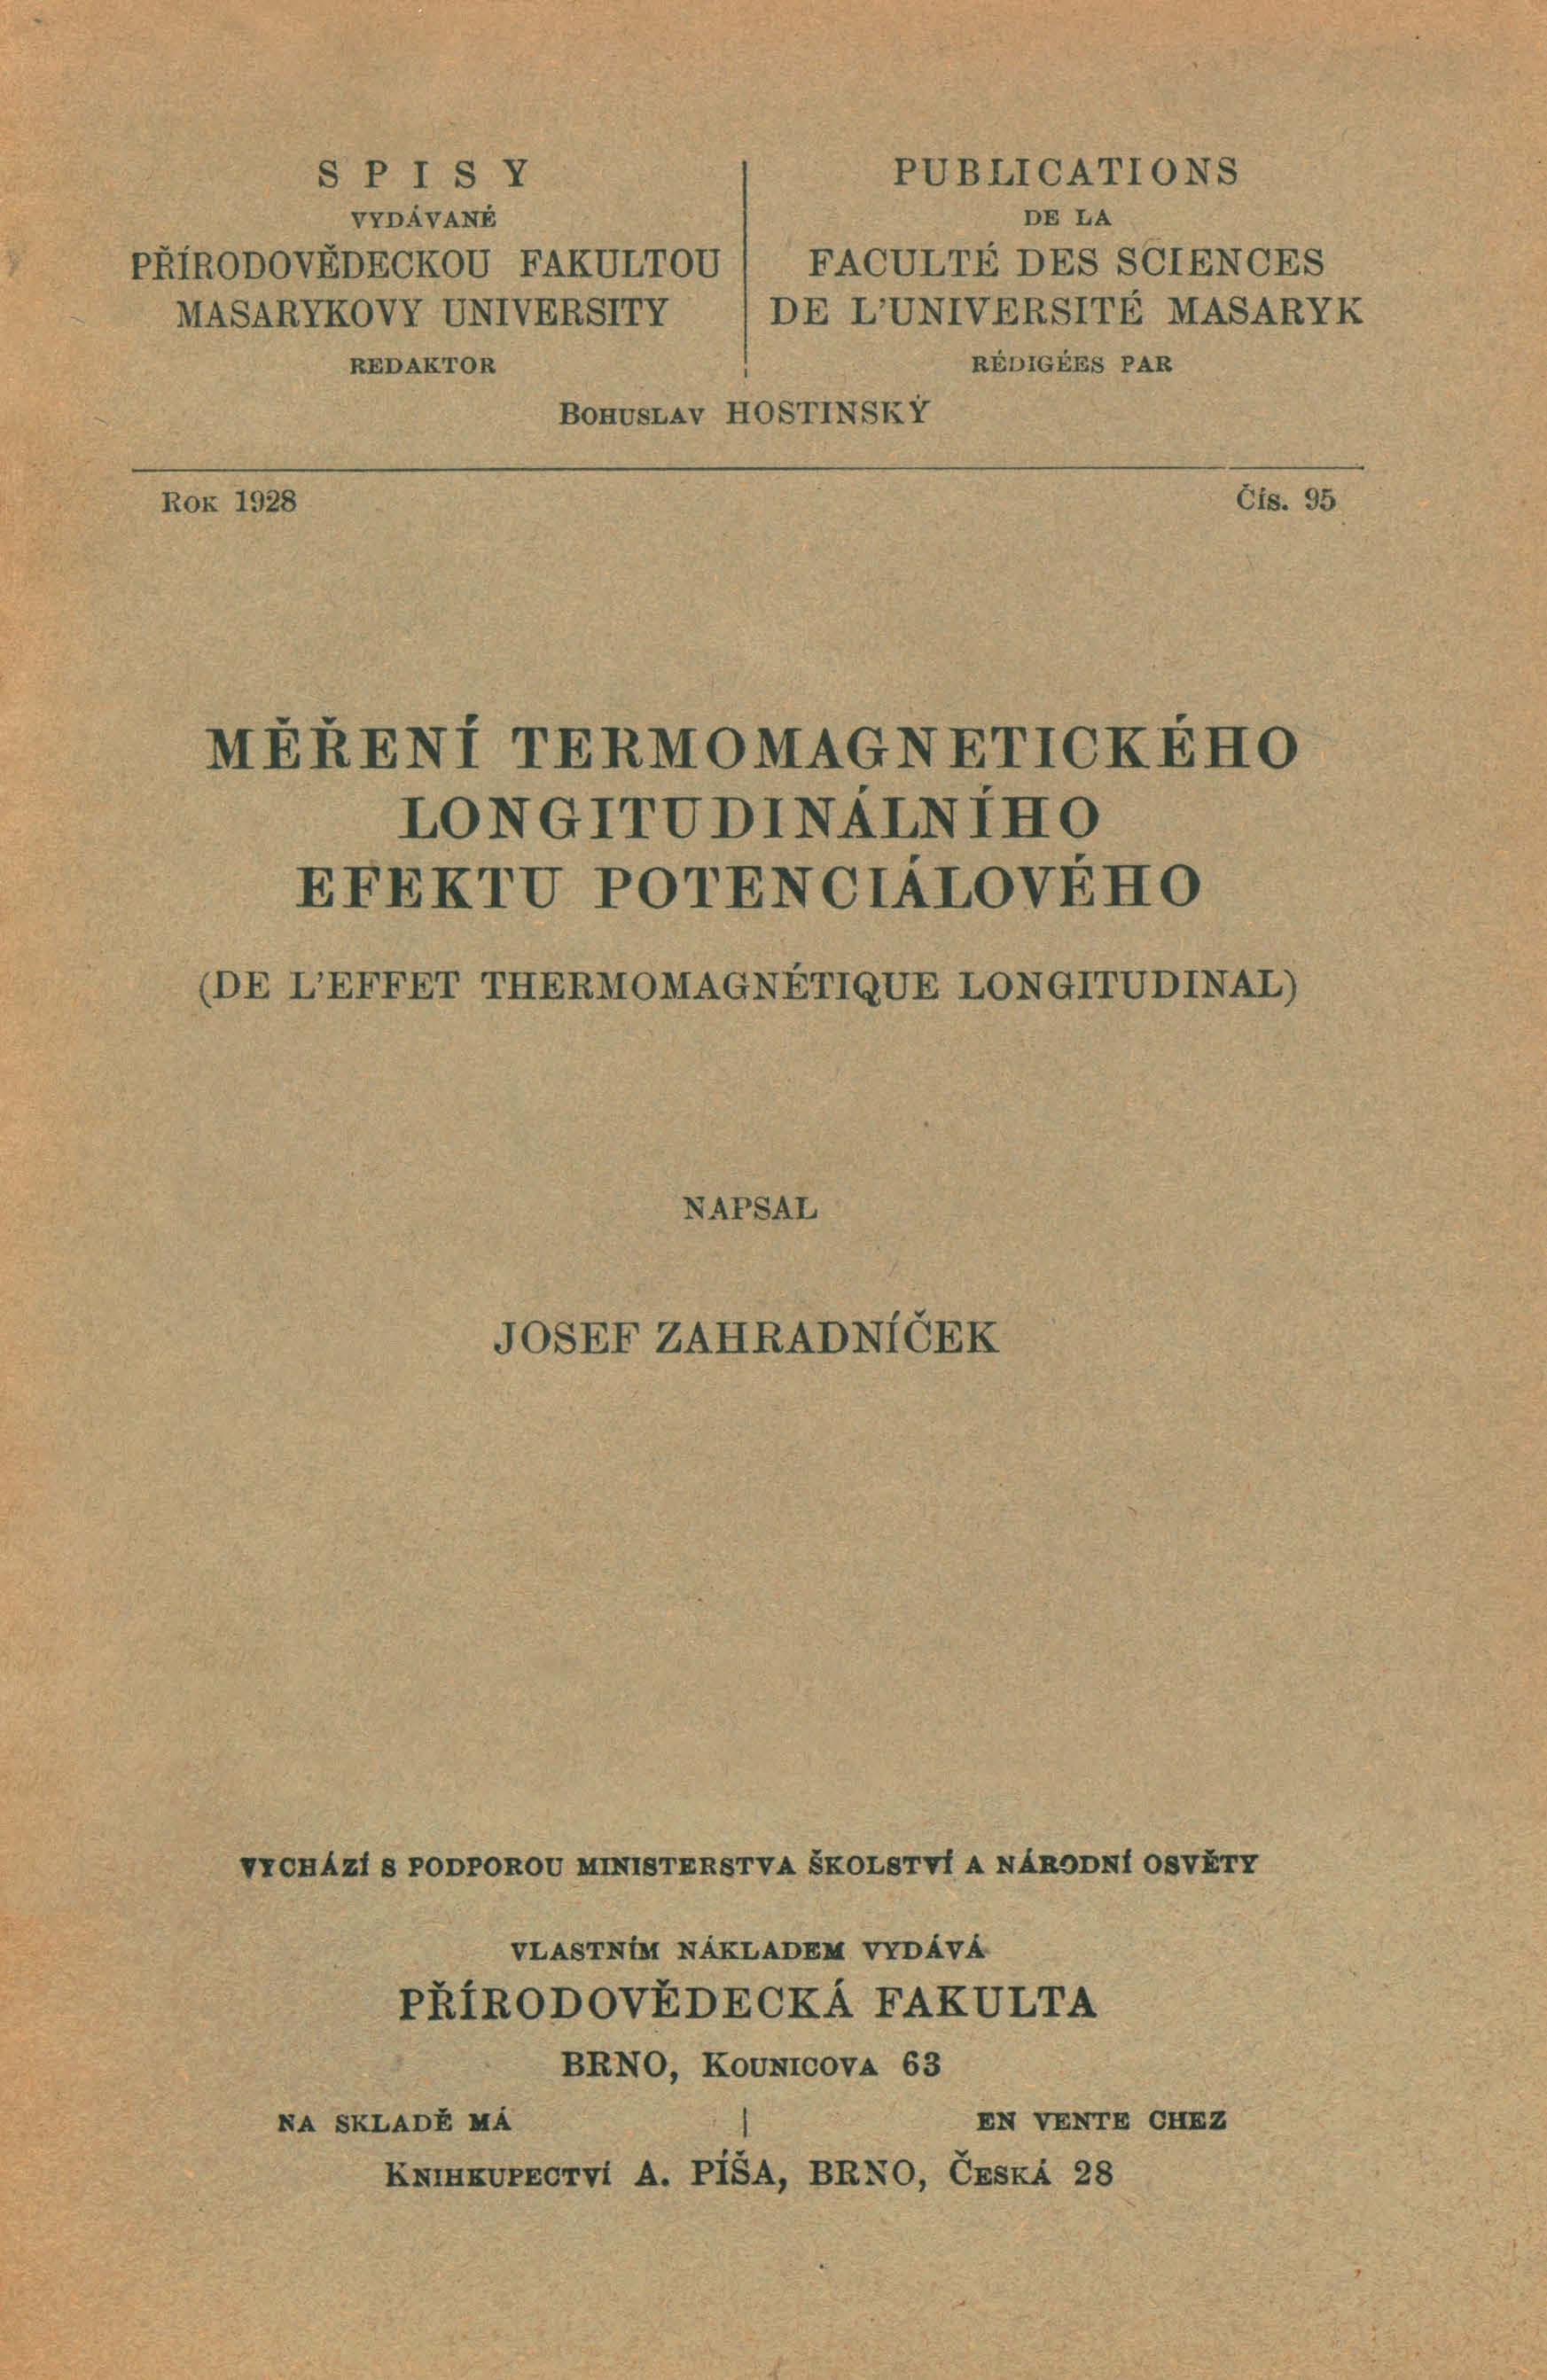 Obálka pro Měření termomagnetického longitudinálního efektu potenciálového